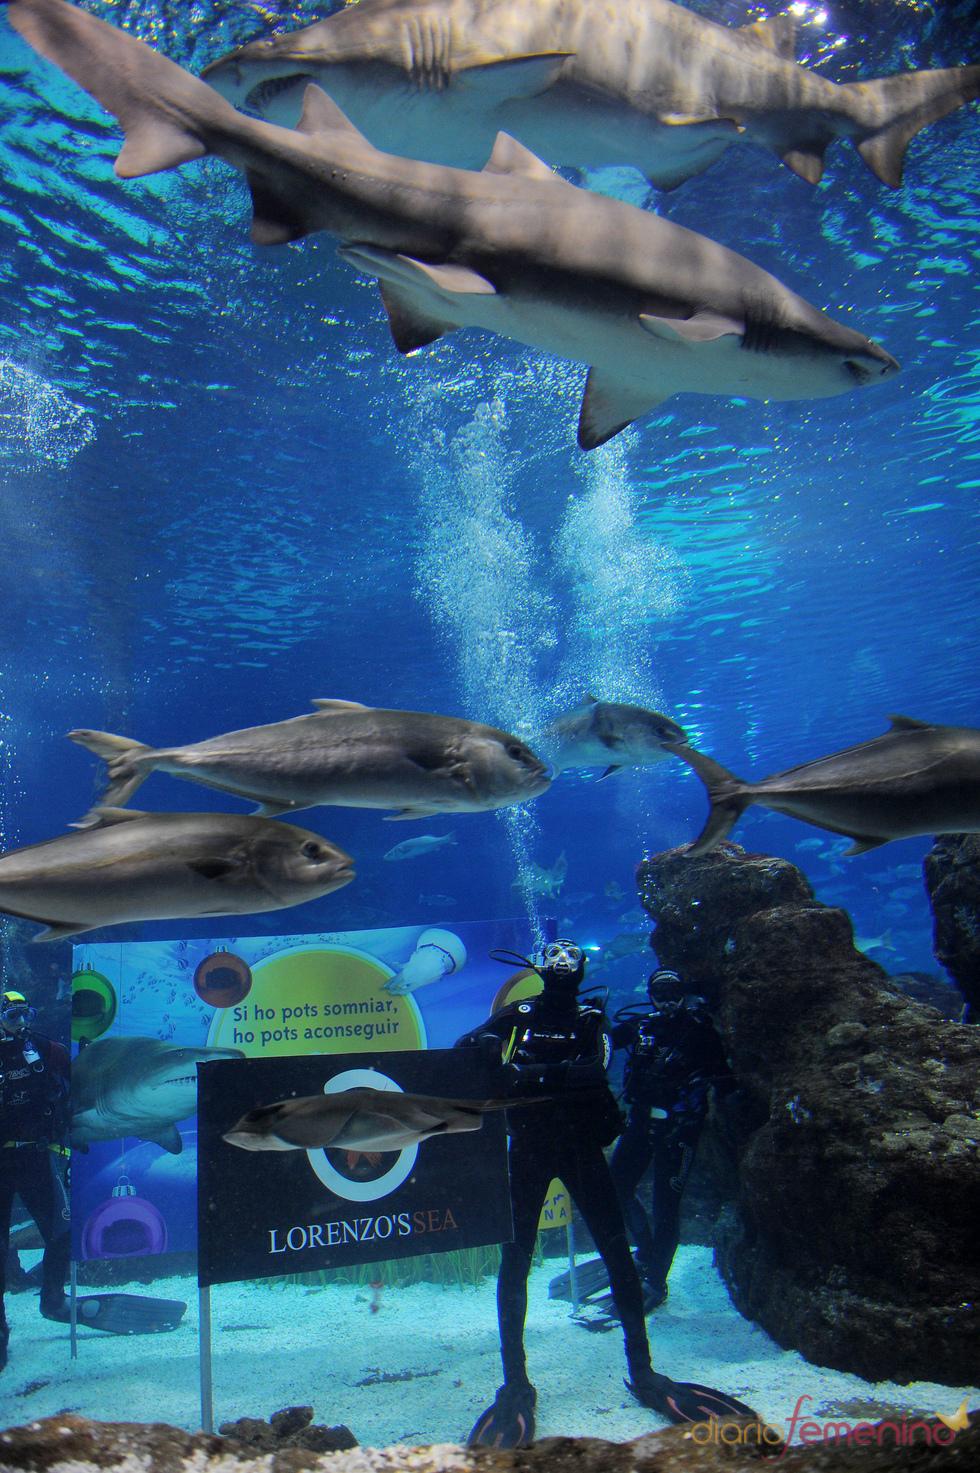 Jorge Lorenzo se divierte nadando entre tiburones